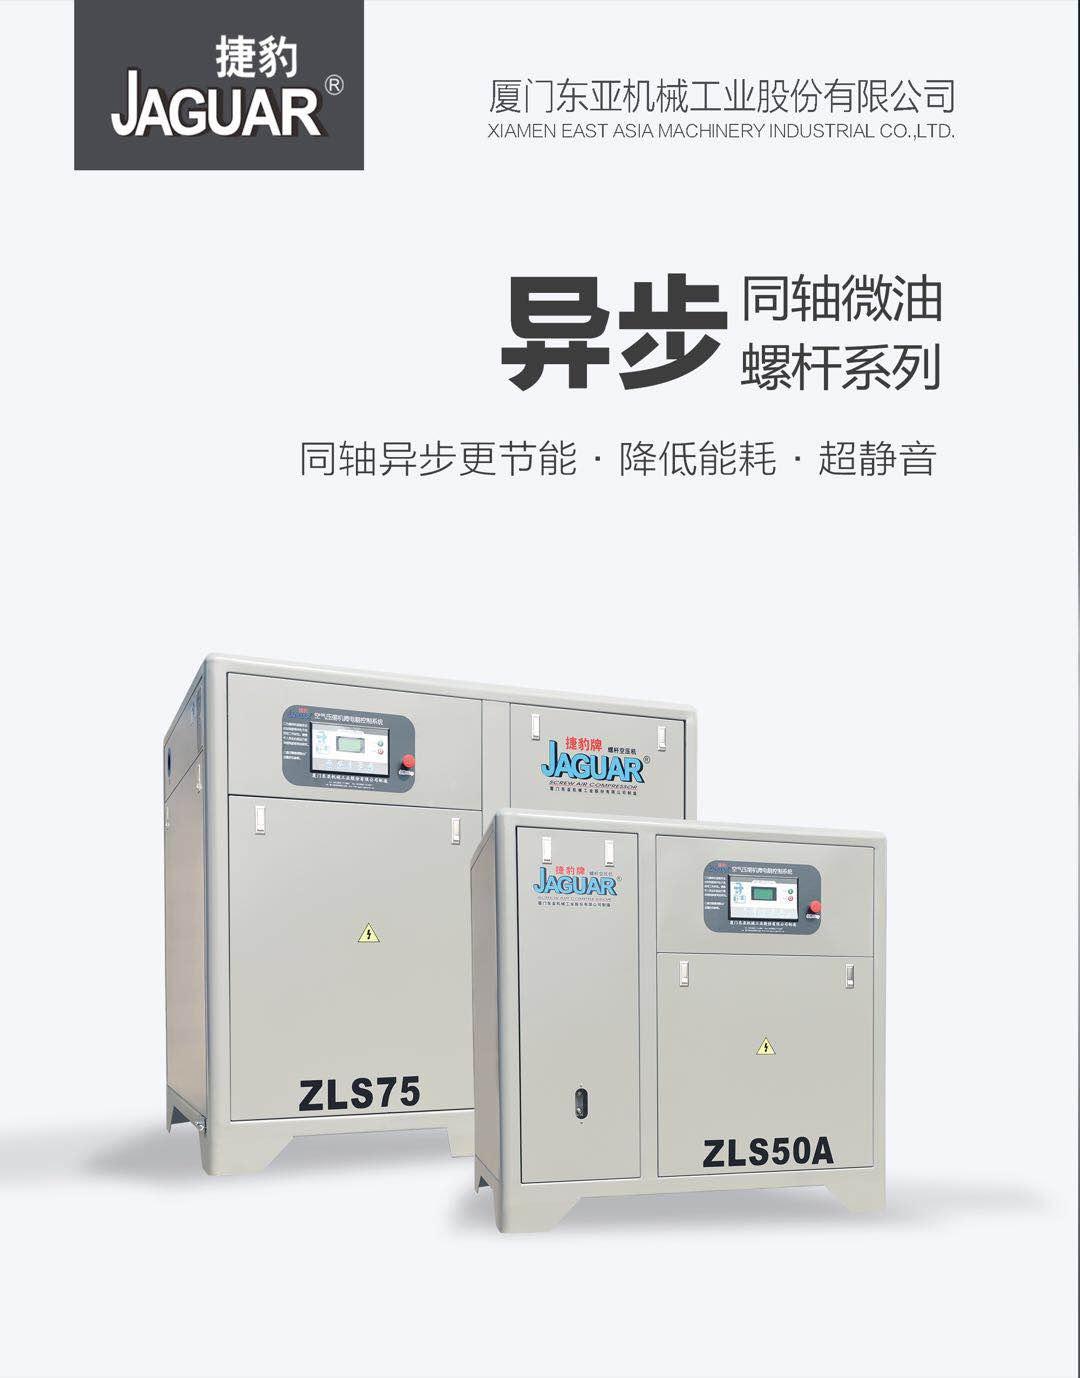 罗阳台湾捷豹空压机定制厂家 价格更实惠 全国知名品牌欢迎来厂